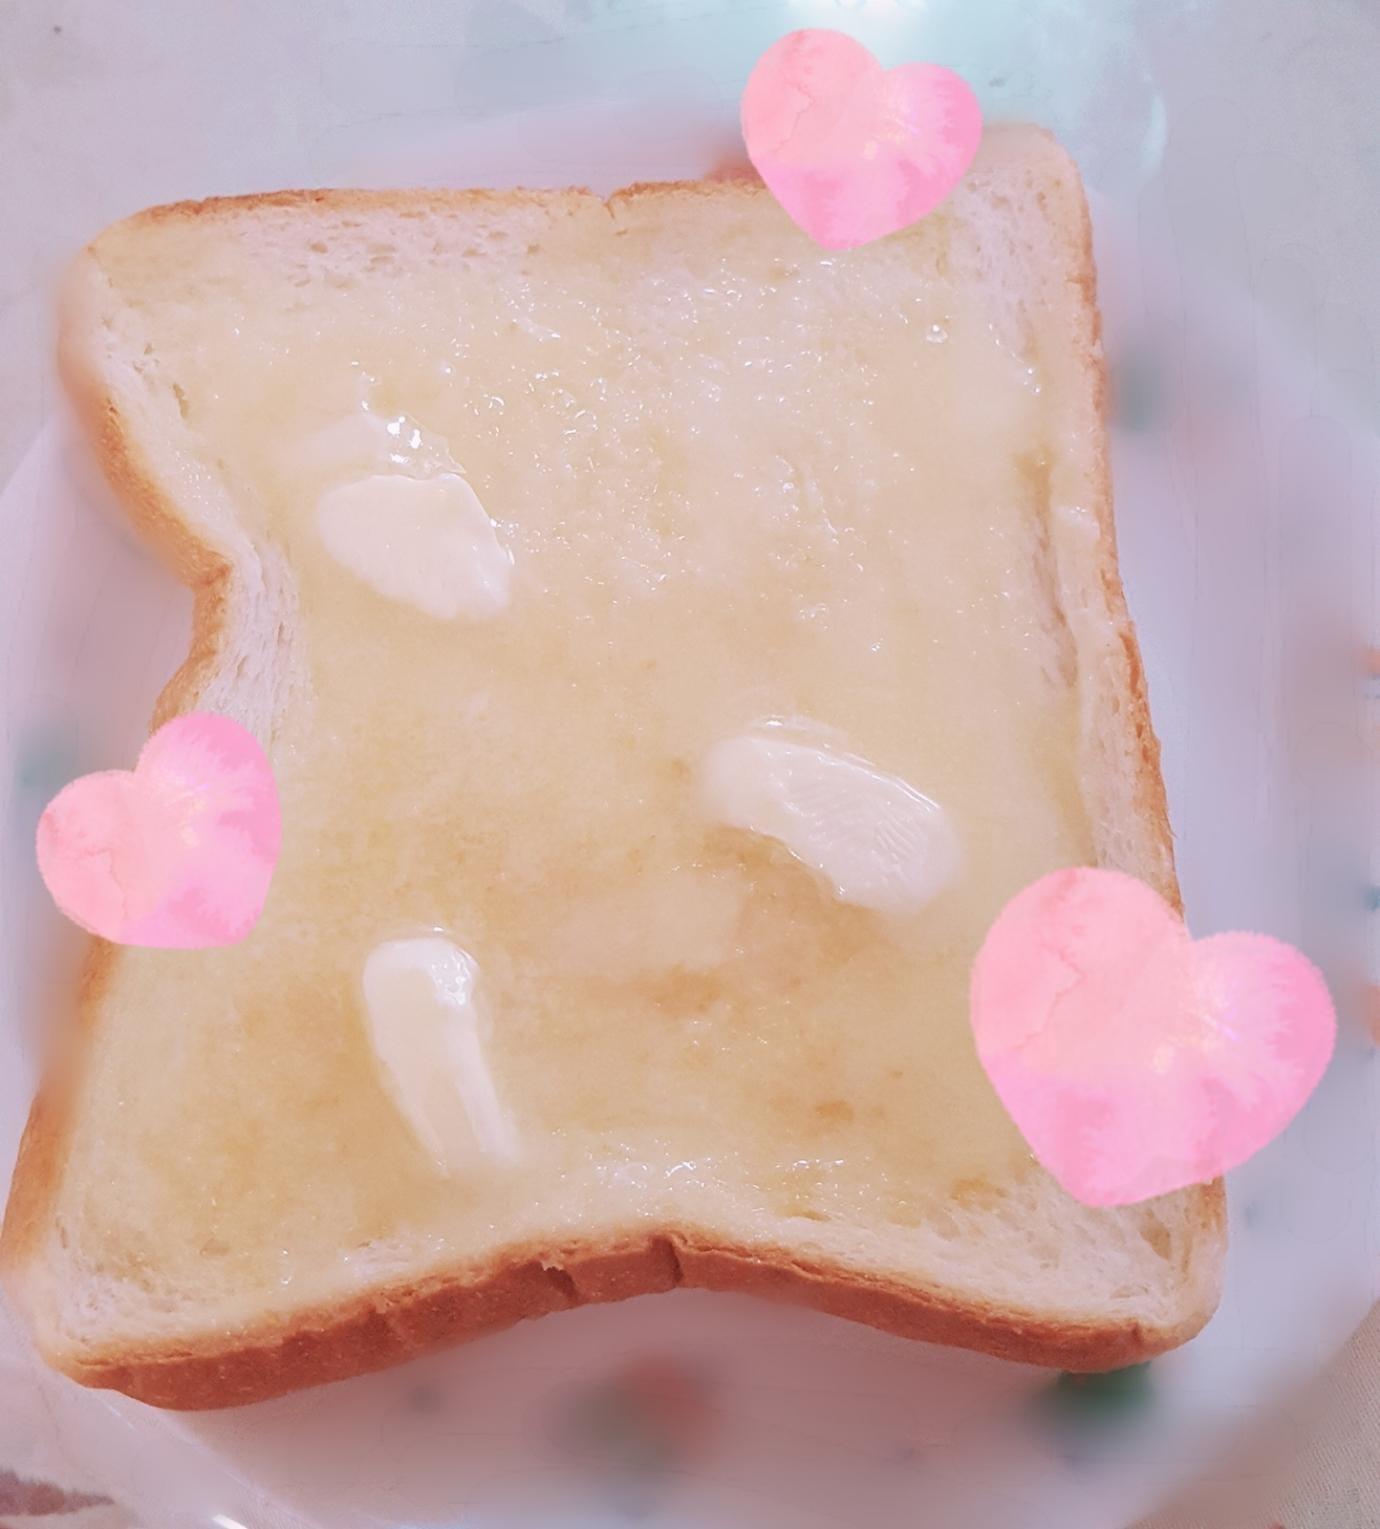 「シンプルが好きです☆」02/18日(月) 13:31   みさきの写メ・風俗動画